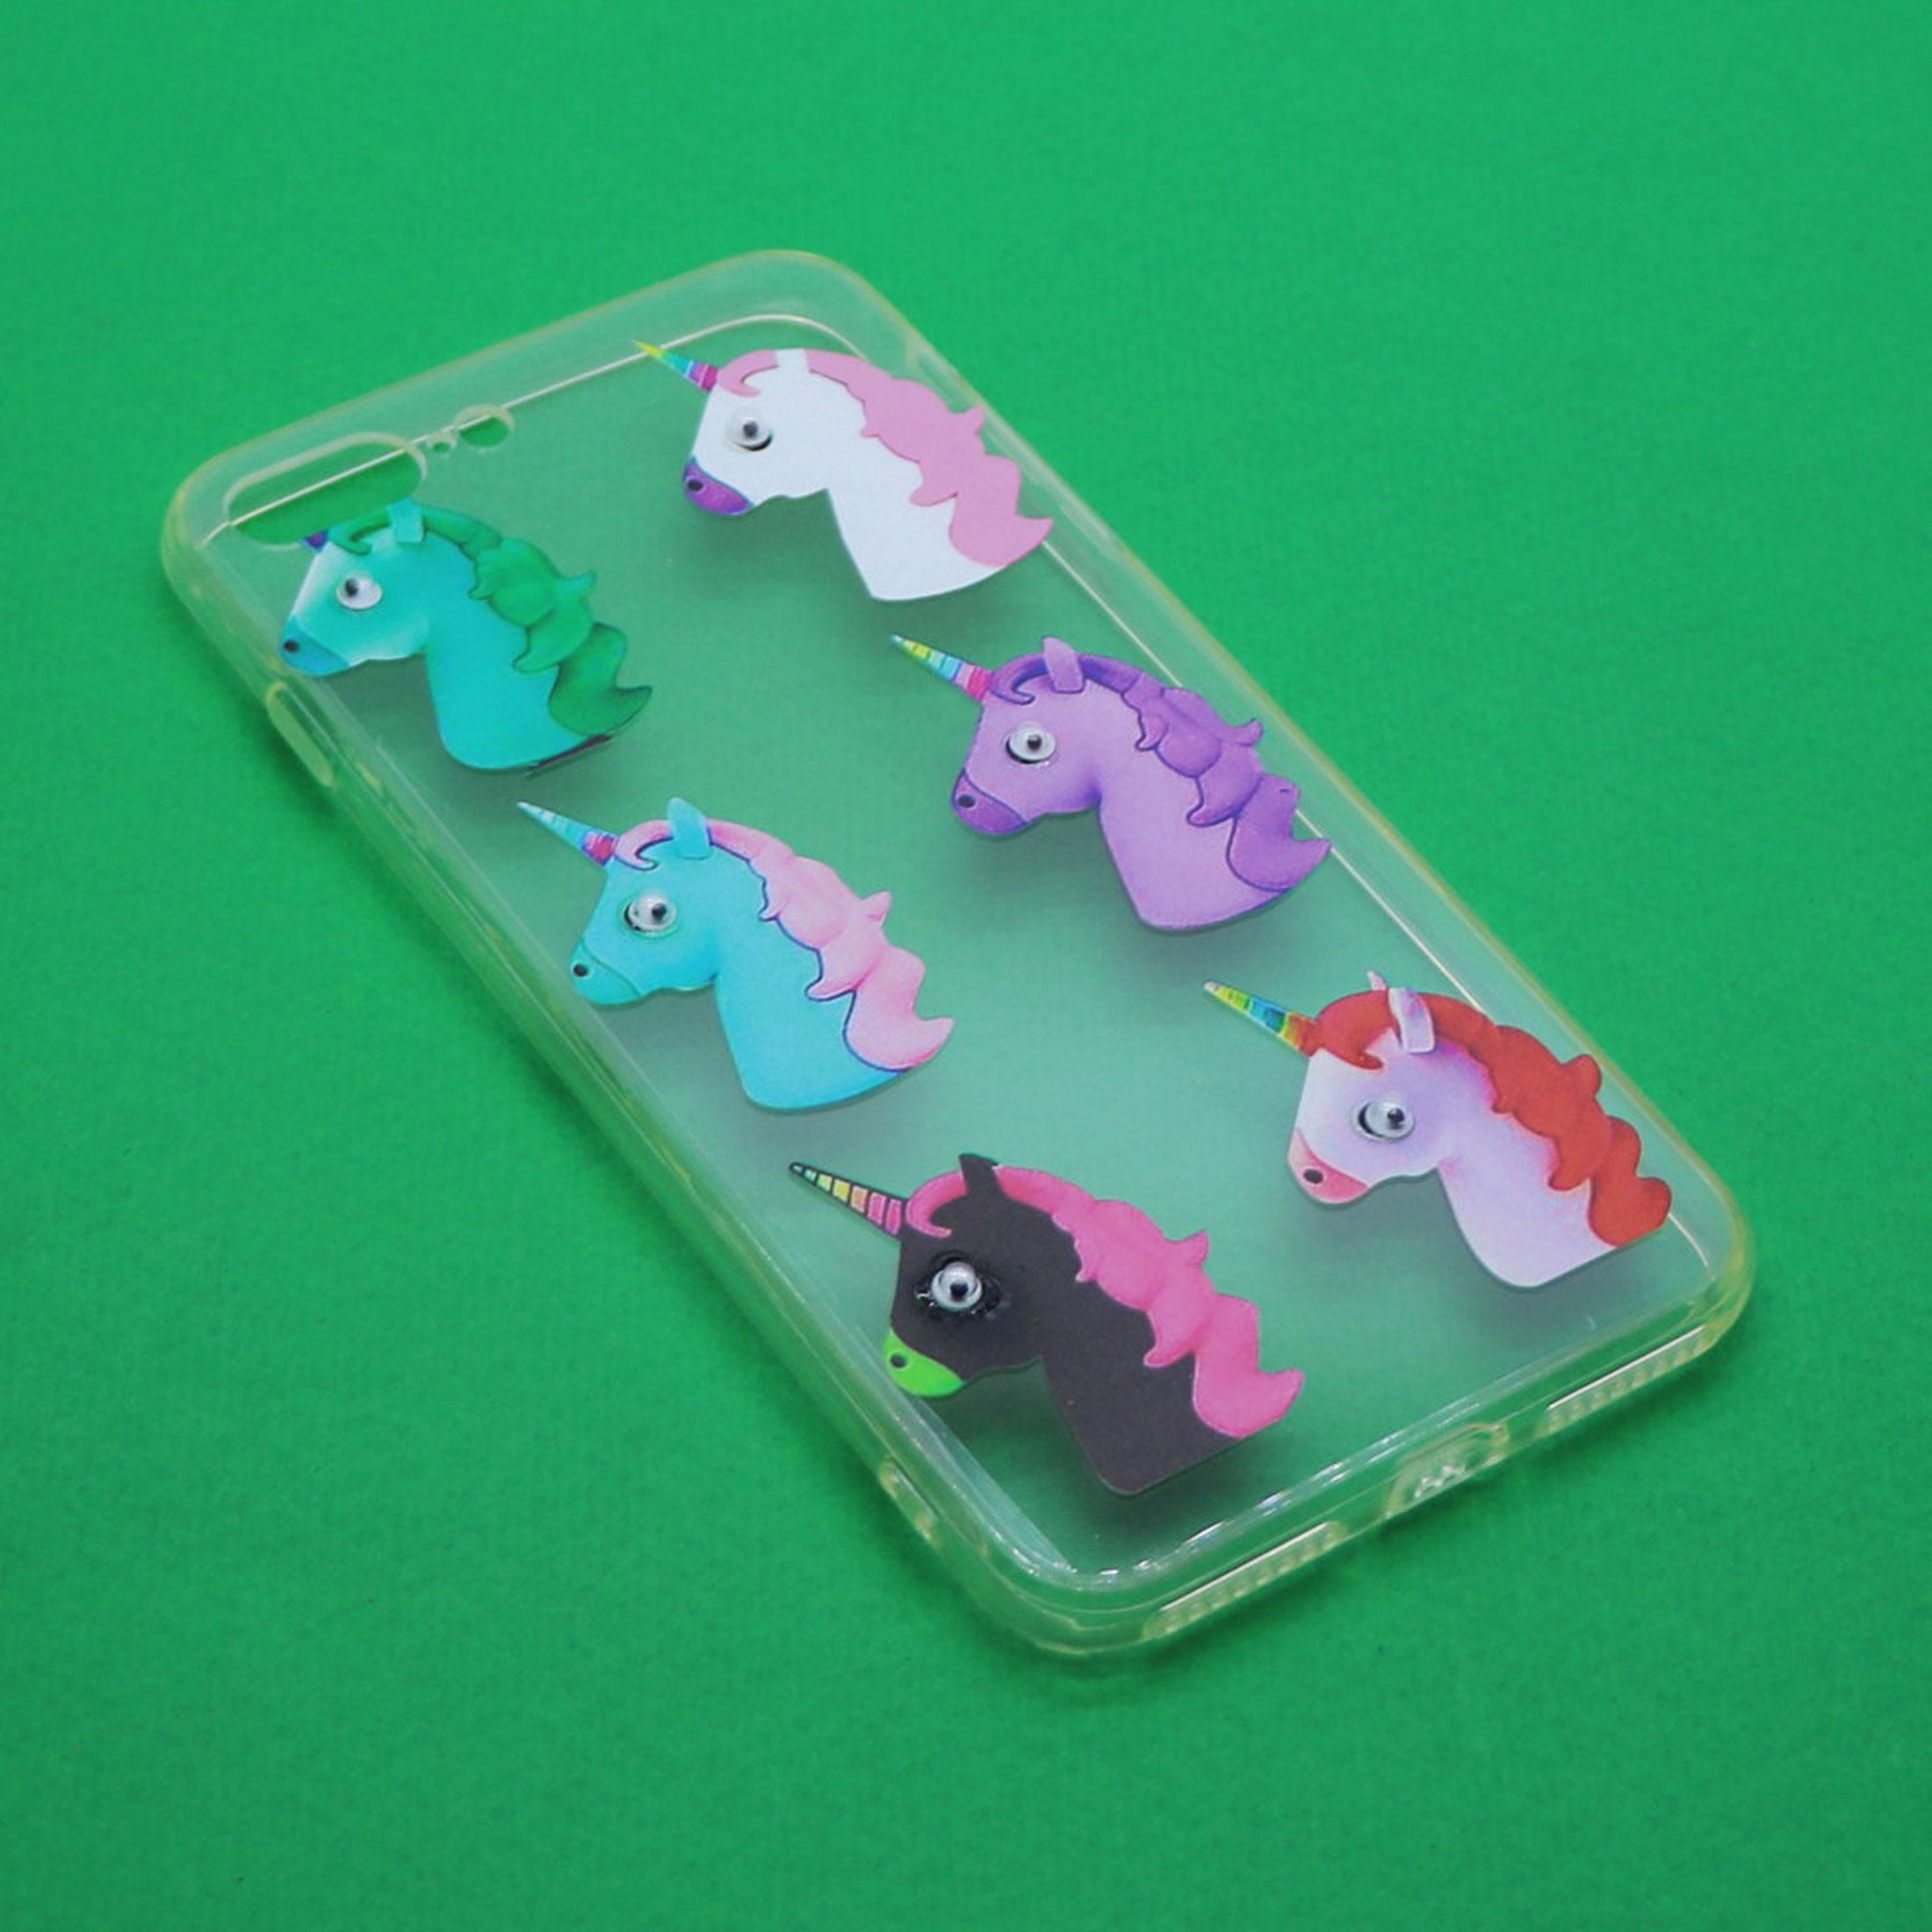 کاور طرح Unicorn مدل CLR-099 مناسب برای گوشی موبایل اپل Iphone 7 Plus/8 Plus main 1 1